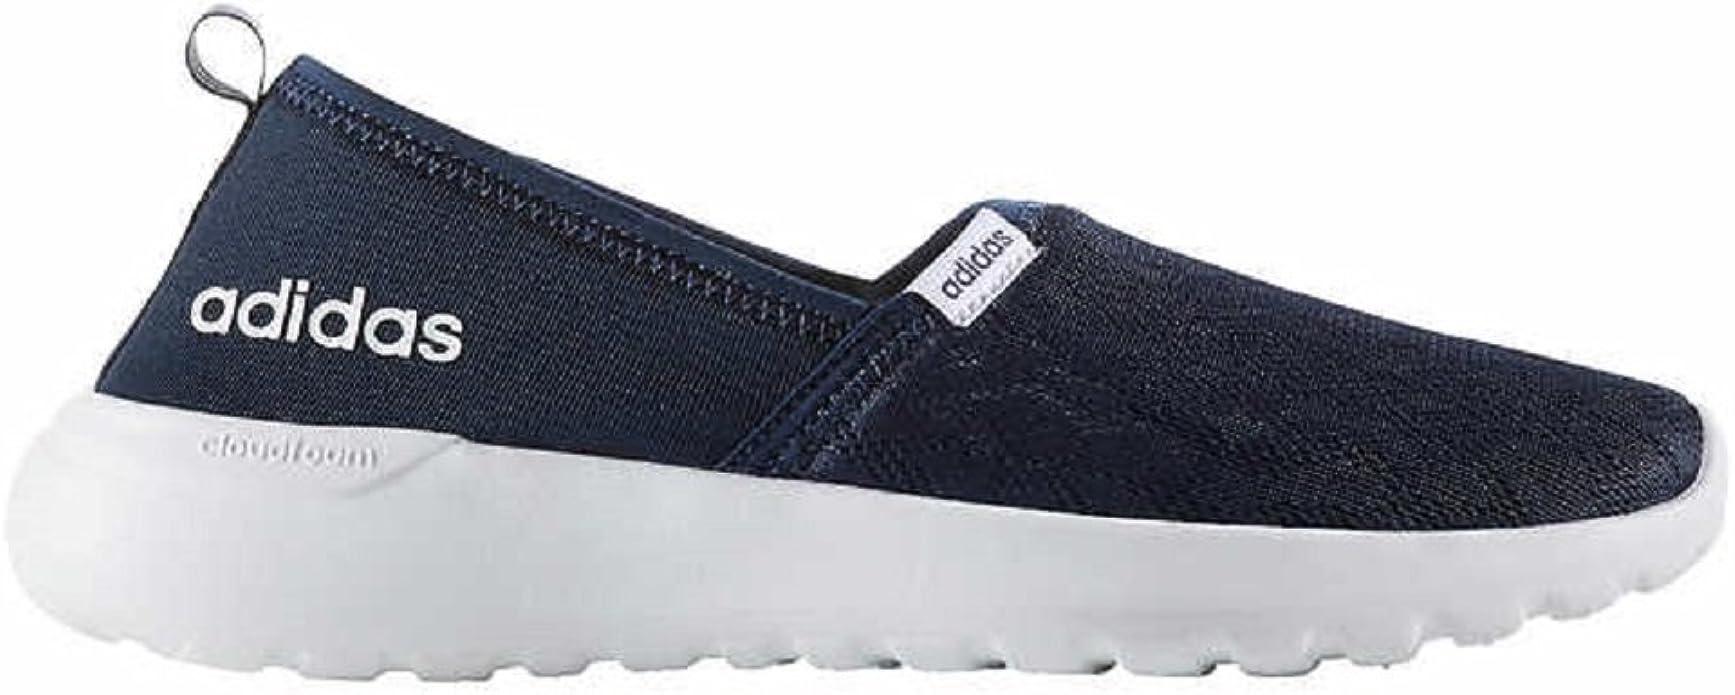 Adidas Neo Lite Racer Zapatillas Informales Sin Cordones Para Mujer 10 B M Color Azul Marino Amazon Es Zapatos Y Complementos